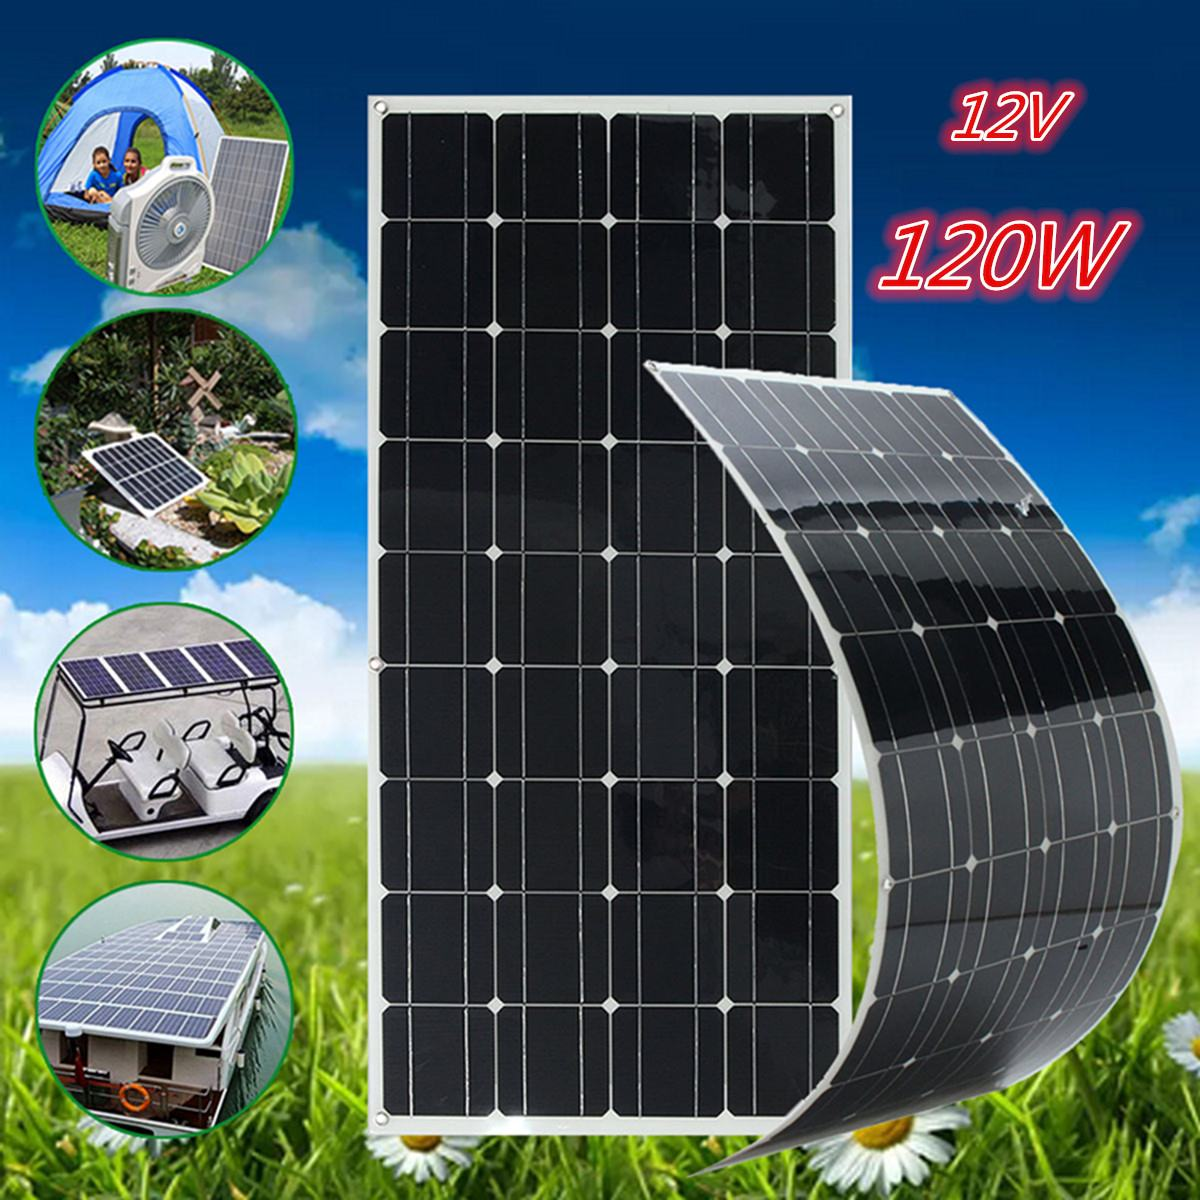 120 W 12 V monocristallin Semi Flexible panneau solaire chargeur de batterie 1.5 m câble solaire cellule bricolage Module pour voiture batterie Sunpower